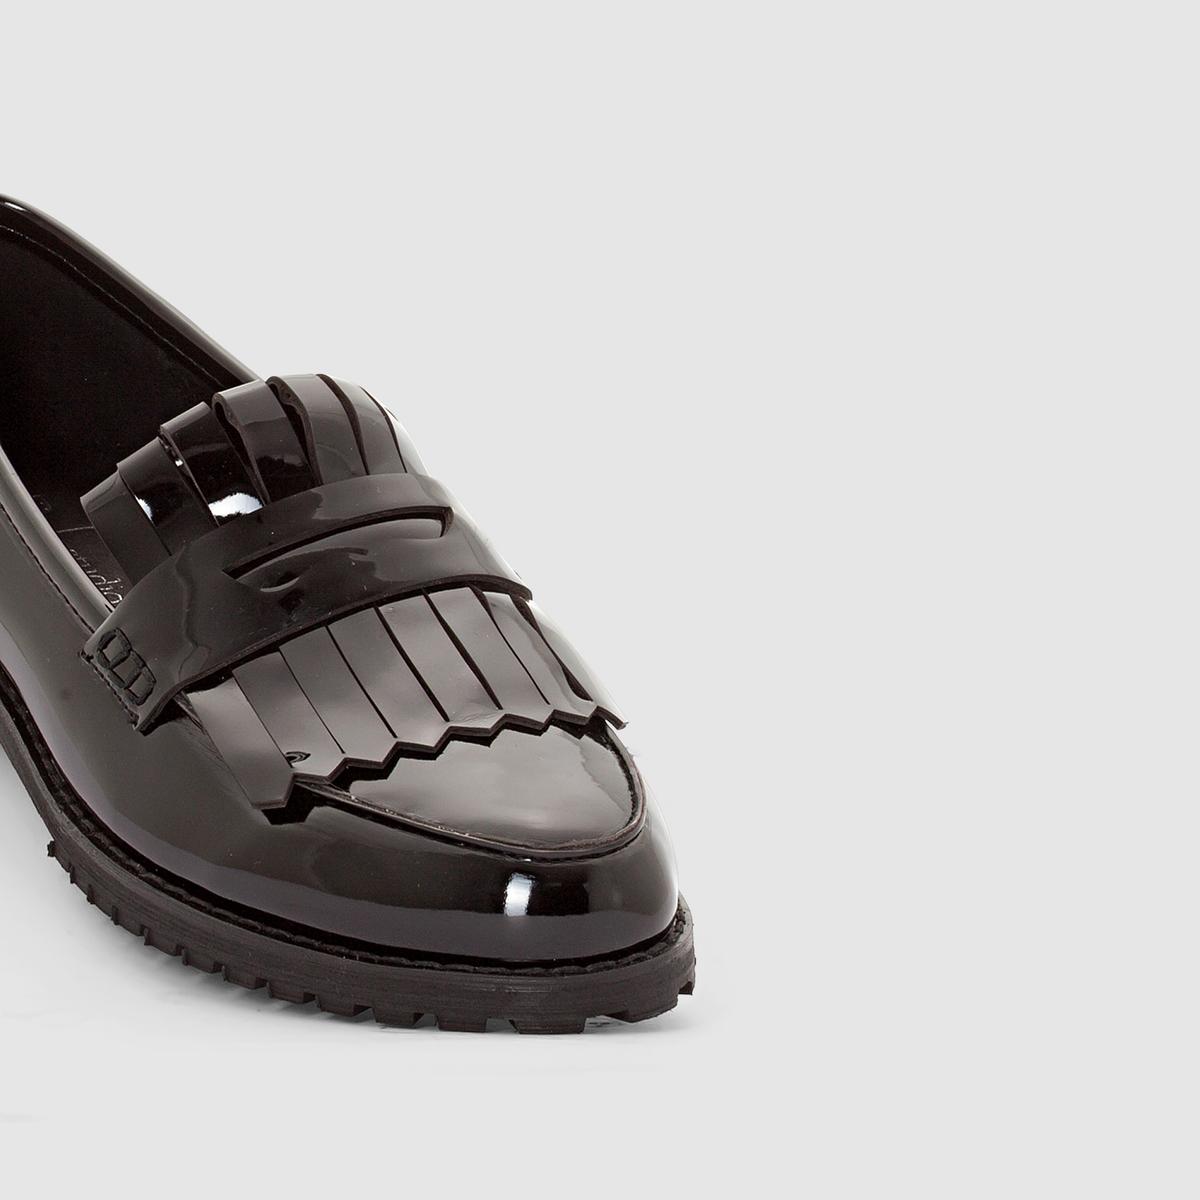 Мокасины лакированные с мексиканским язычкомВерх : синтетика   Подкладка : кожа   Стелька : кожа   Подошва : из эластомера   Высота каблука : плоский.   Носок : закругленный Преимущества : модель в свободном стиле : изящном и элегантном<br><br>Цвет: черный<br>Размер: 38